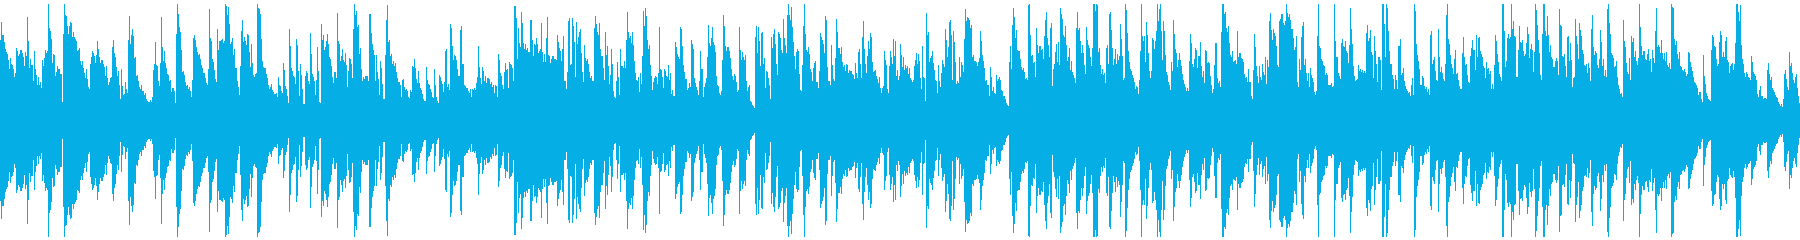 リラックス・ジャズ、ラウンジ ※ループ版の再生済みの波形